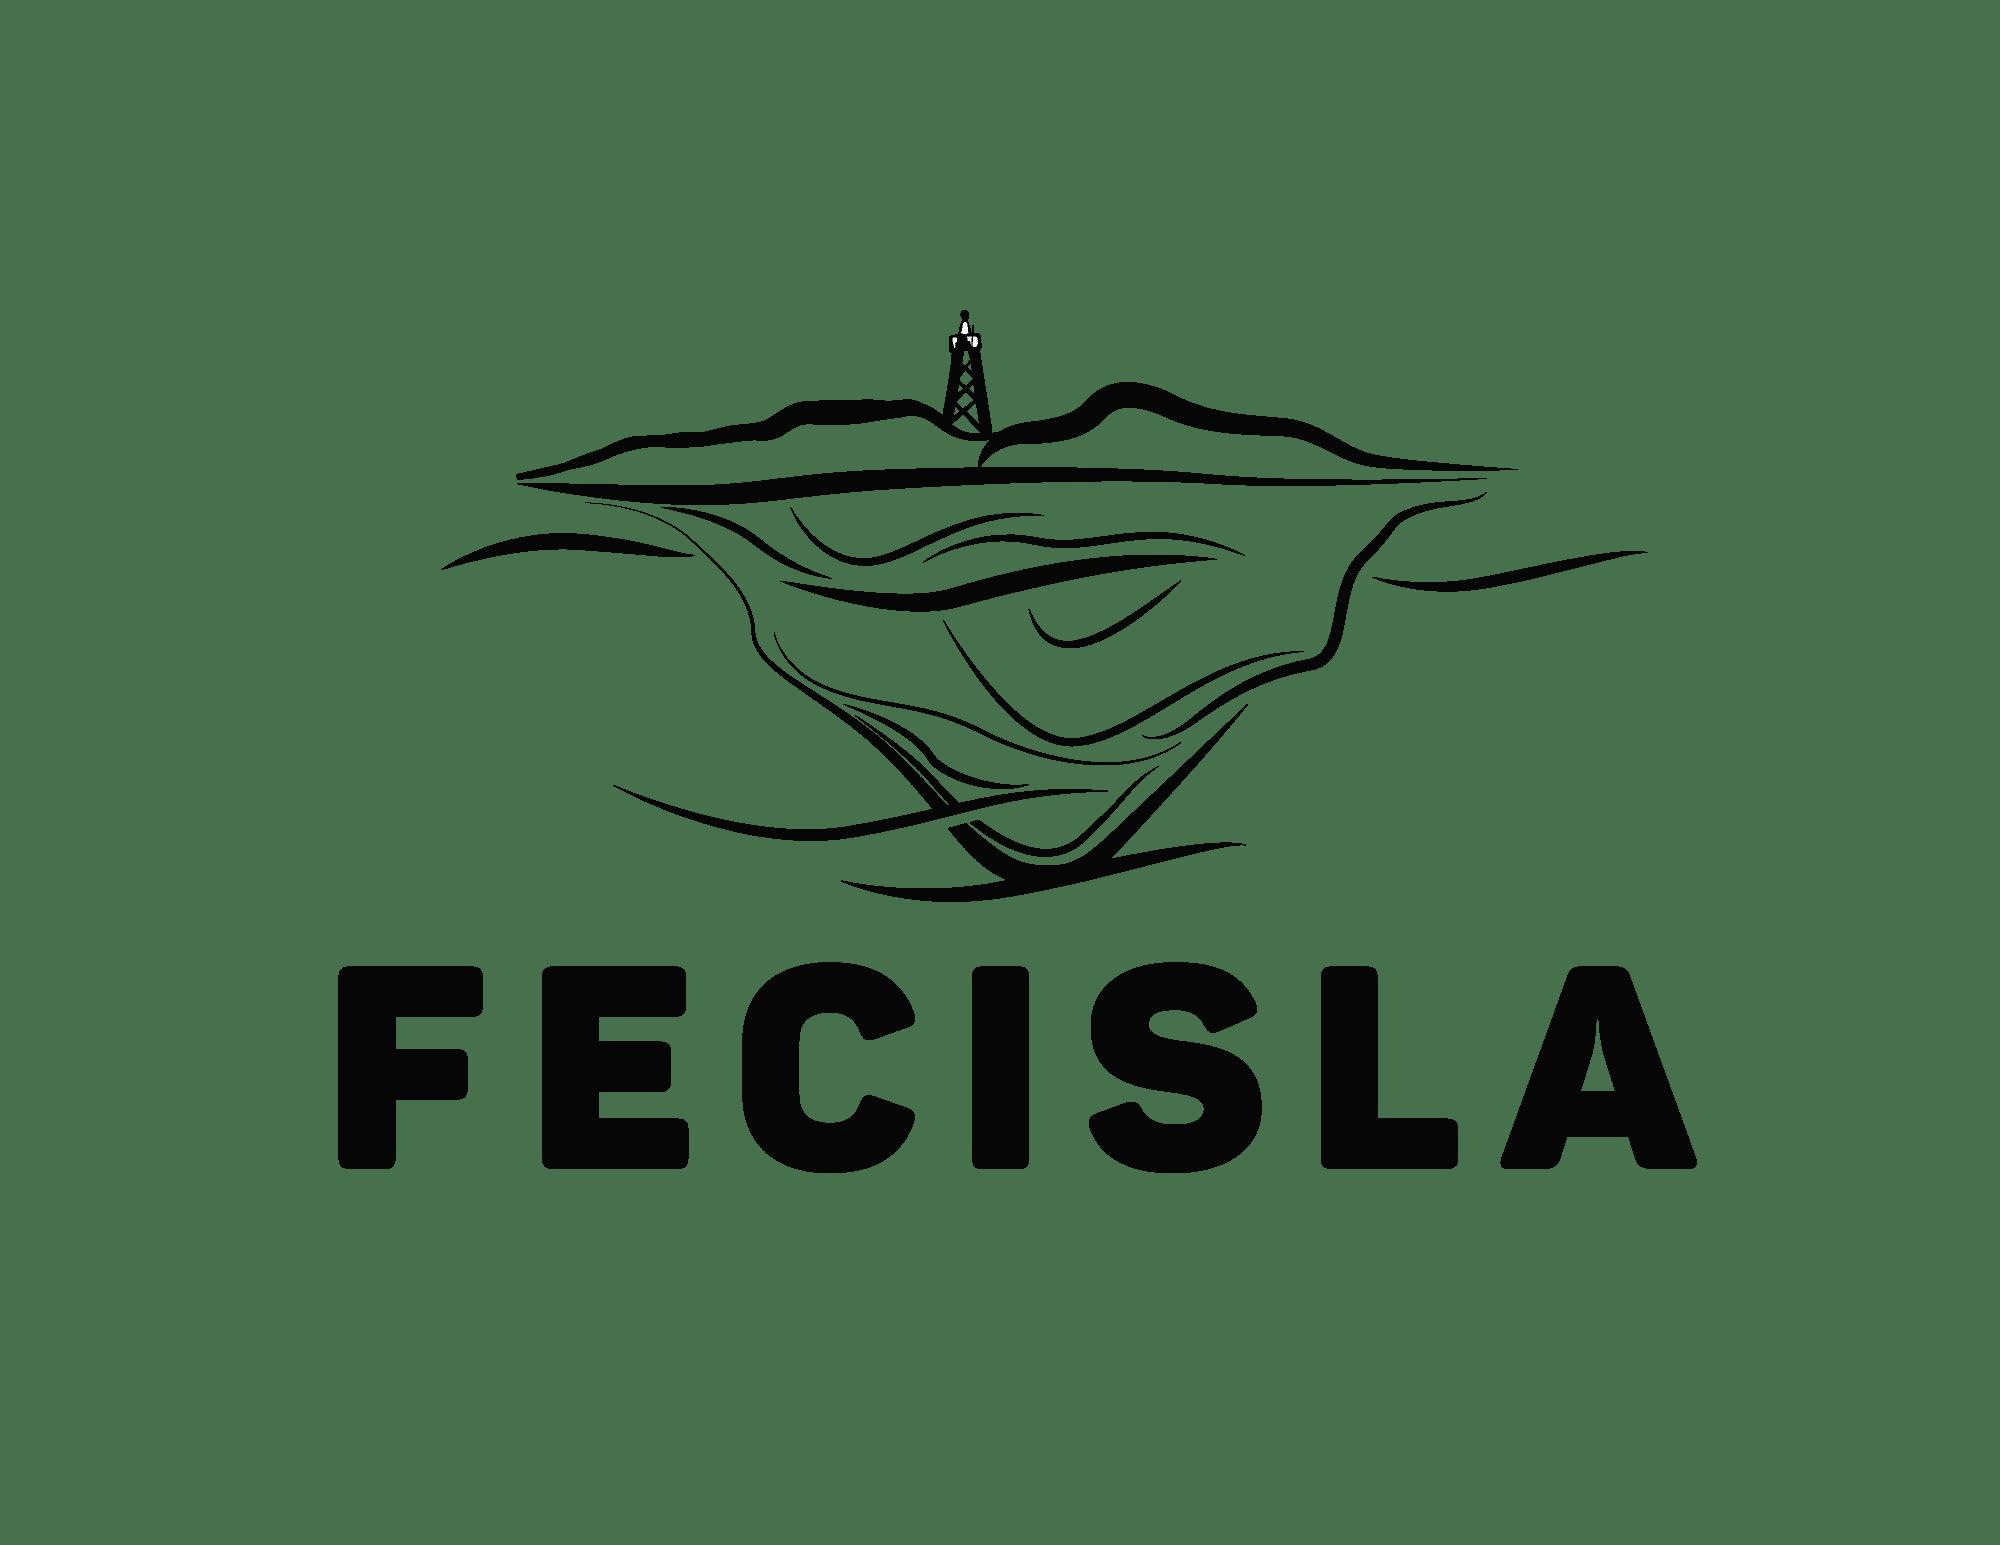 FECISLA 1